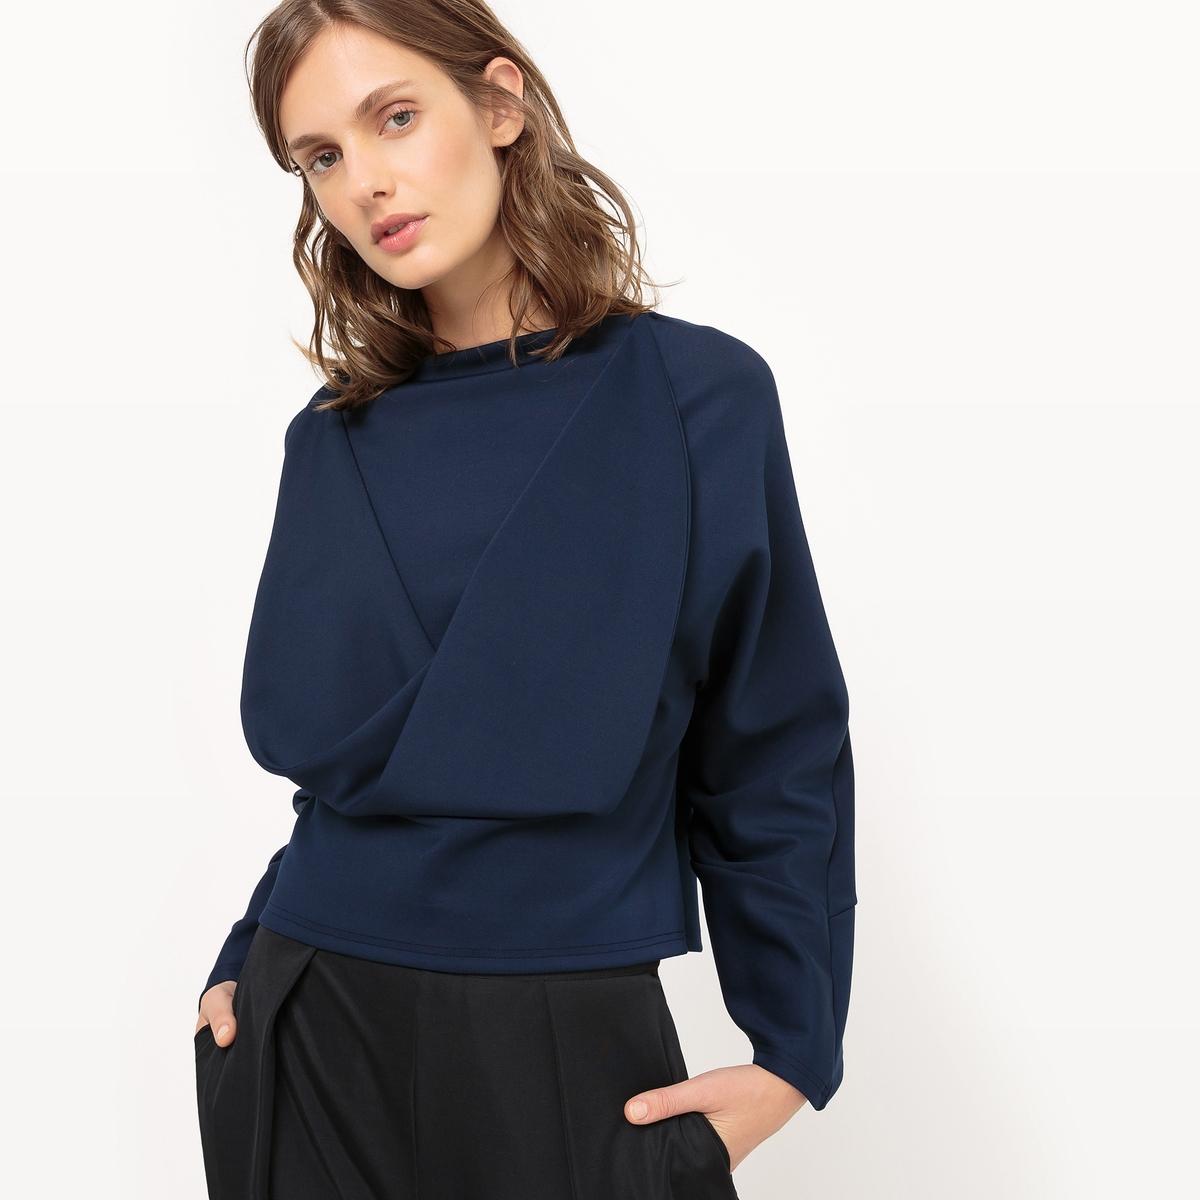 MANON VANDRISSE POUR LA REDOUTE Блузка из струящейся ткани